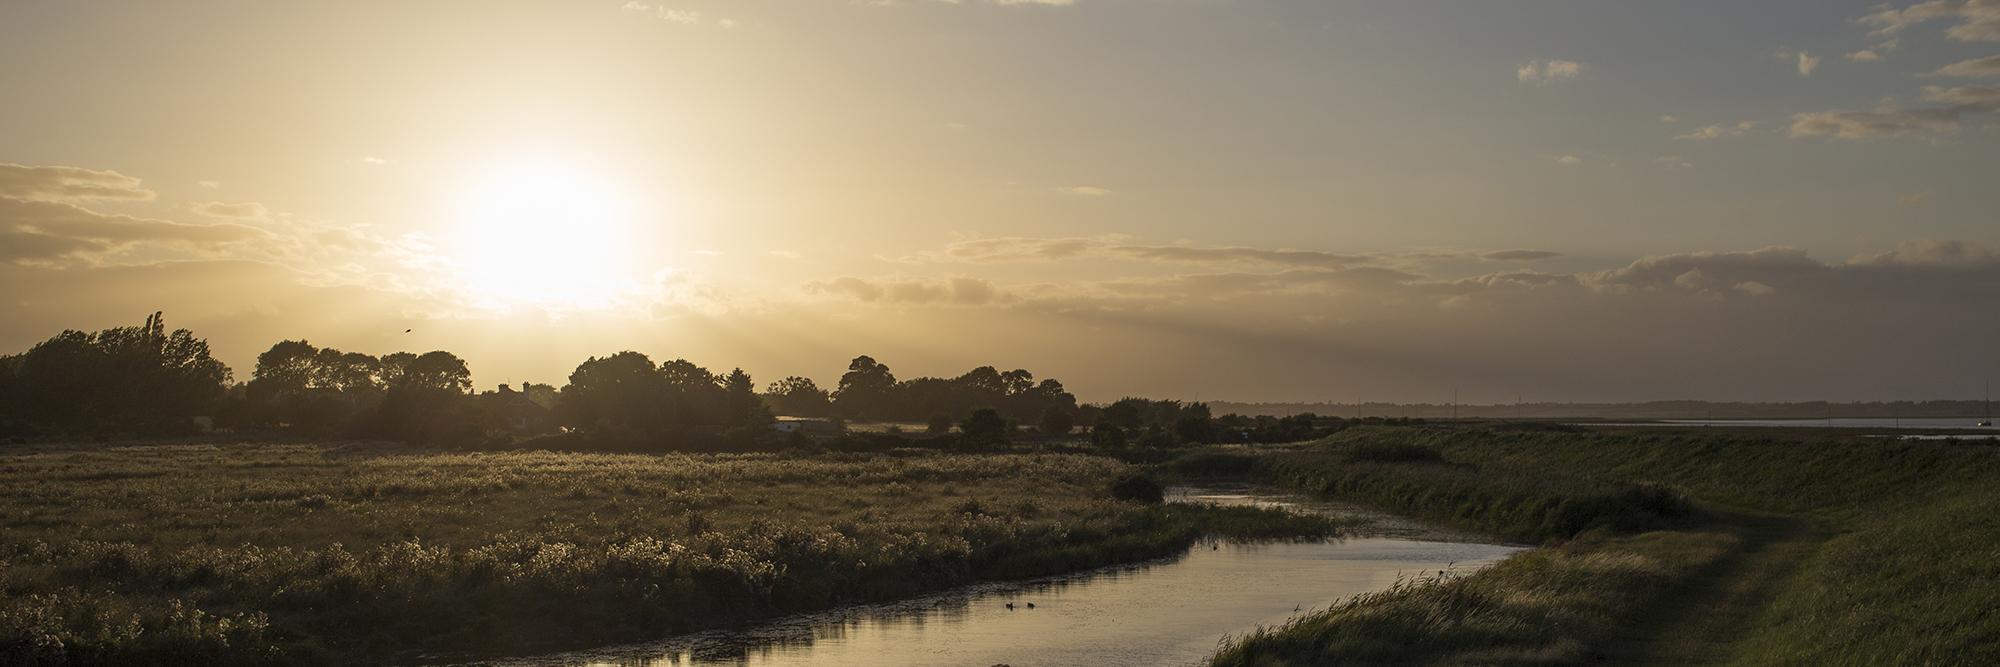 East Mersea